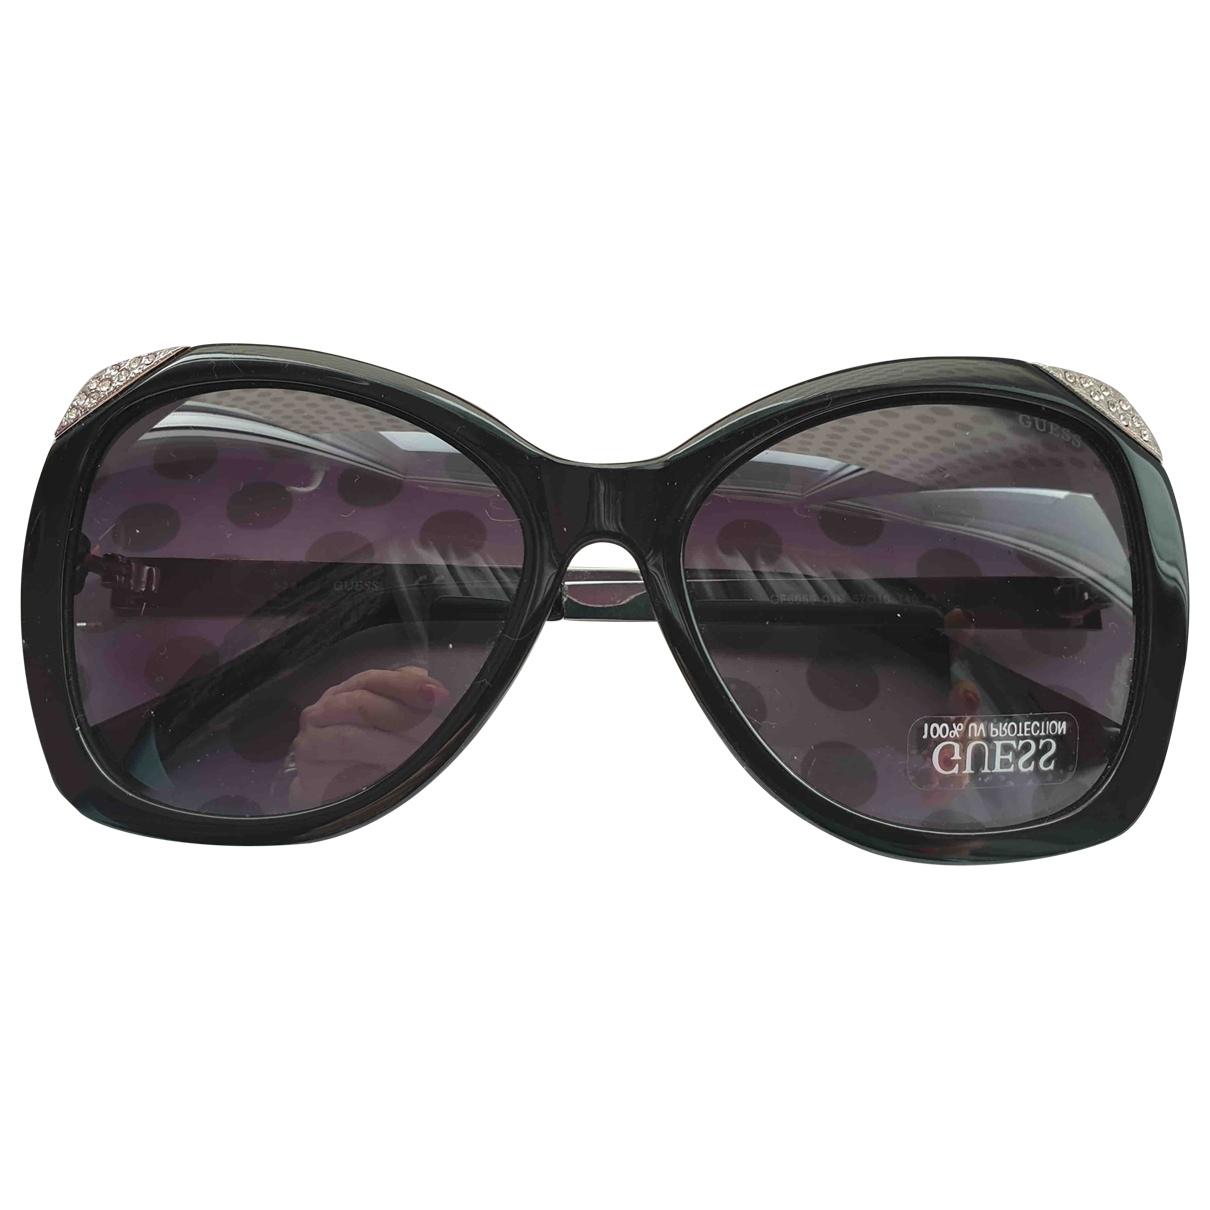 Gafas oversize Guess